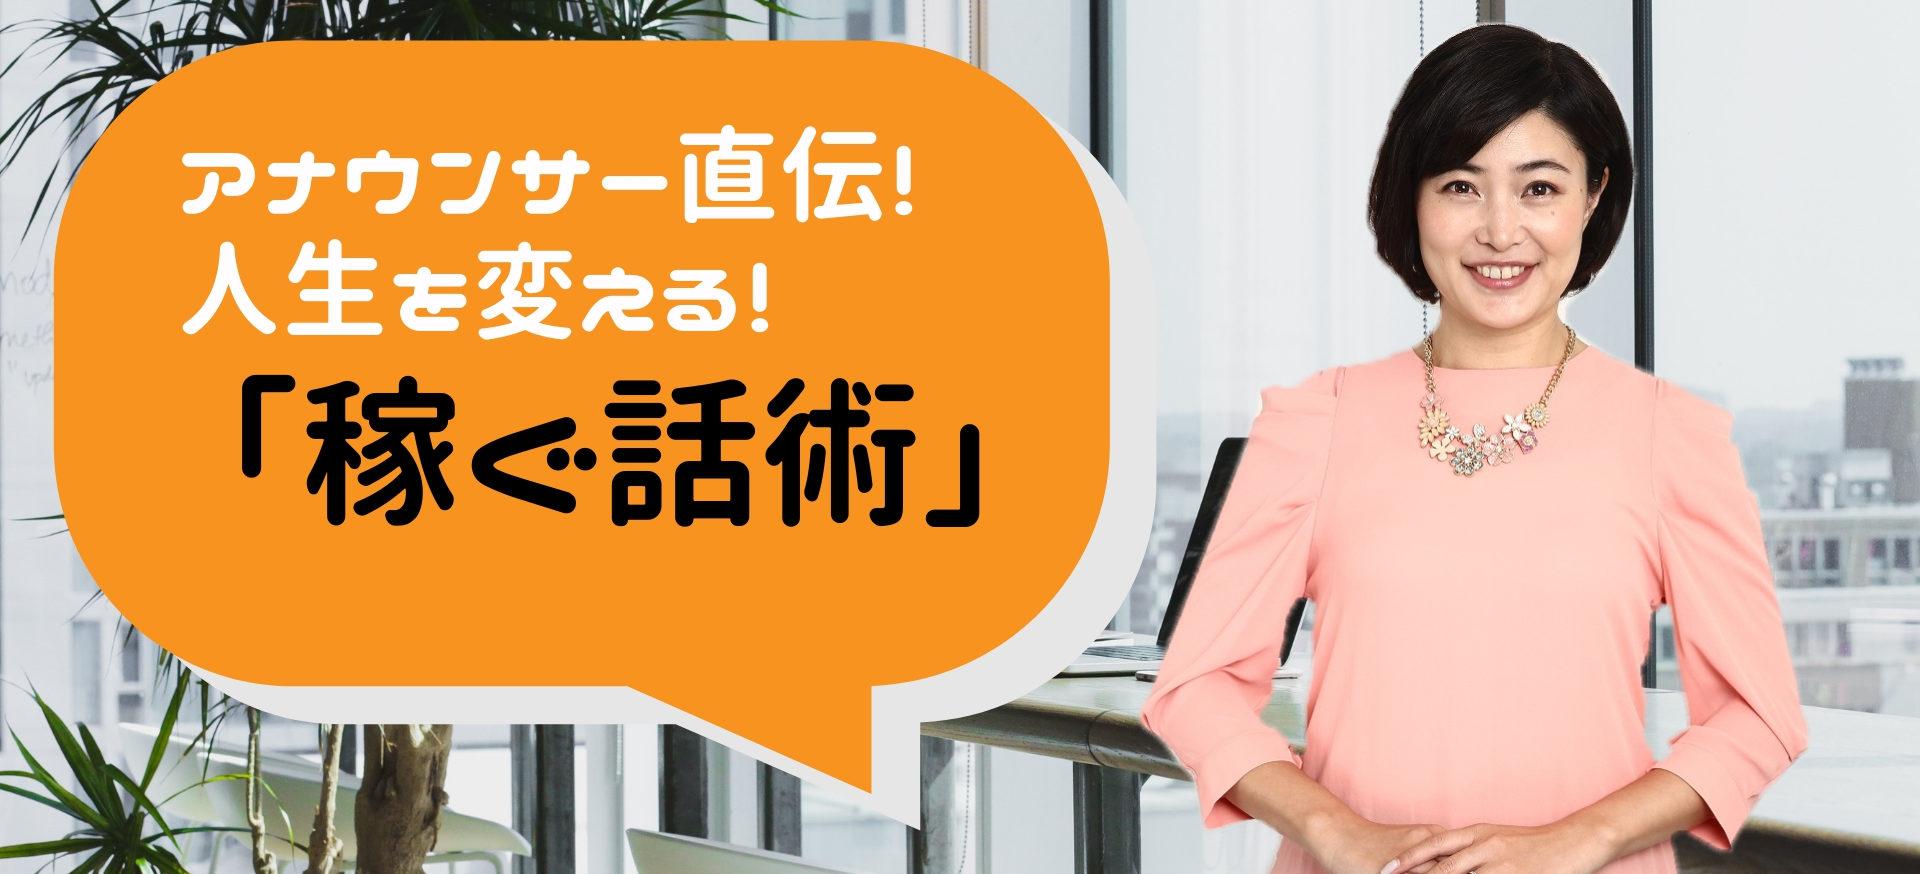 OFFICE・SHURI